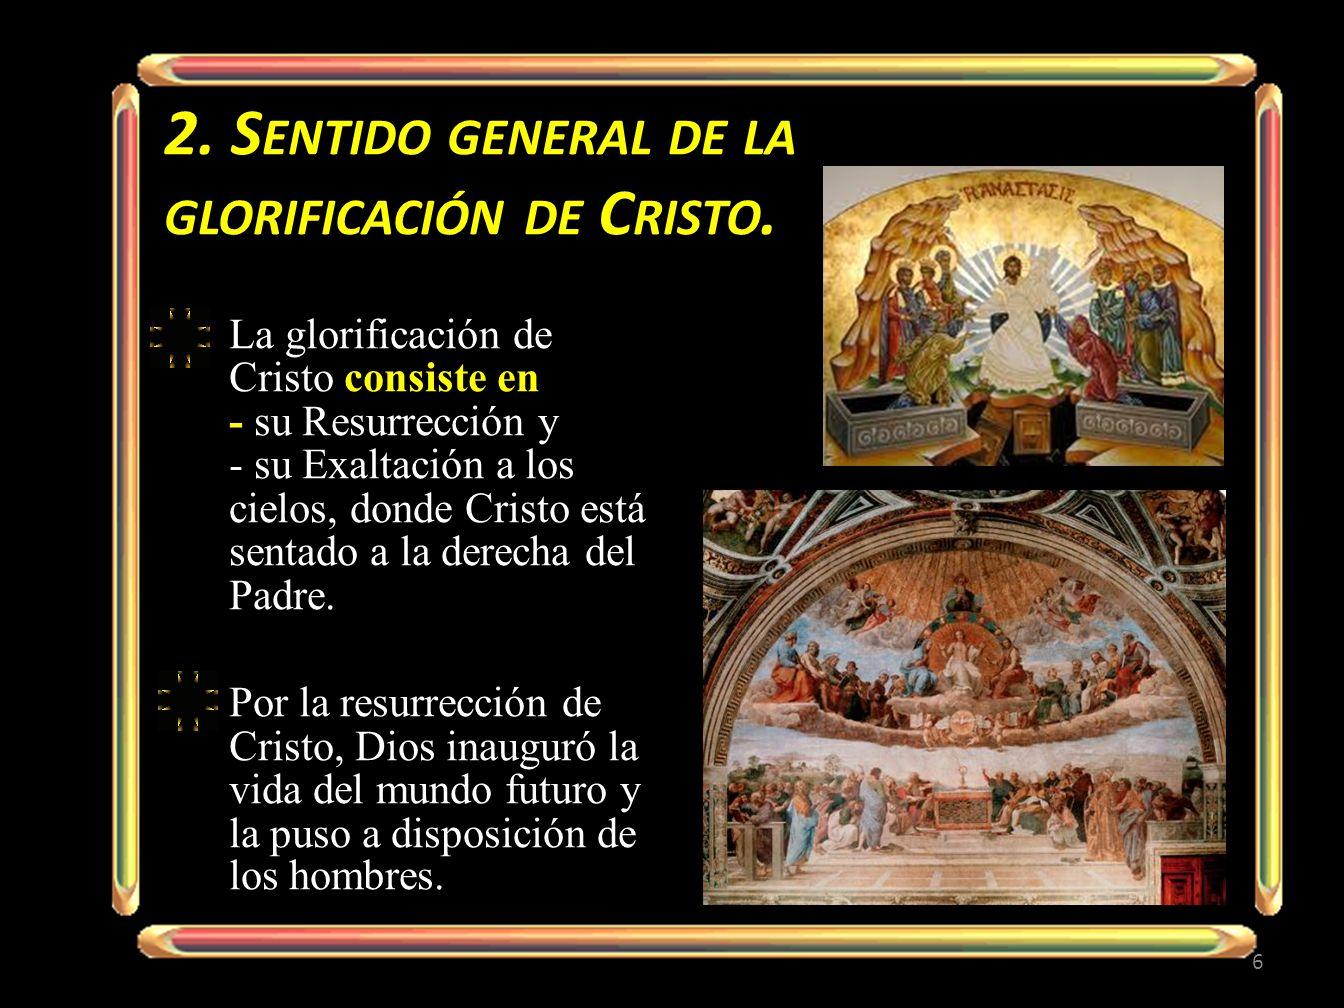 2. S ENTIDO GENERAL DE LA GLORIFICACIÓN DE C RISTO. La glorificación de Cristo consiste en - su Resurrección y - su Exaltación a los cielos, donde Cri